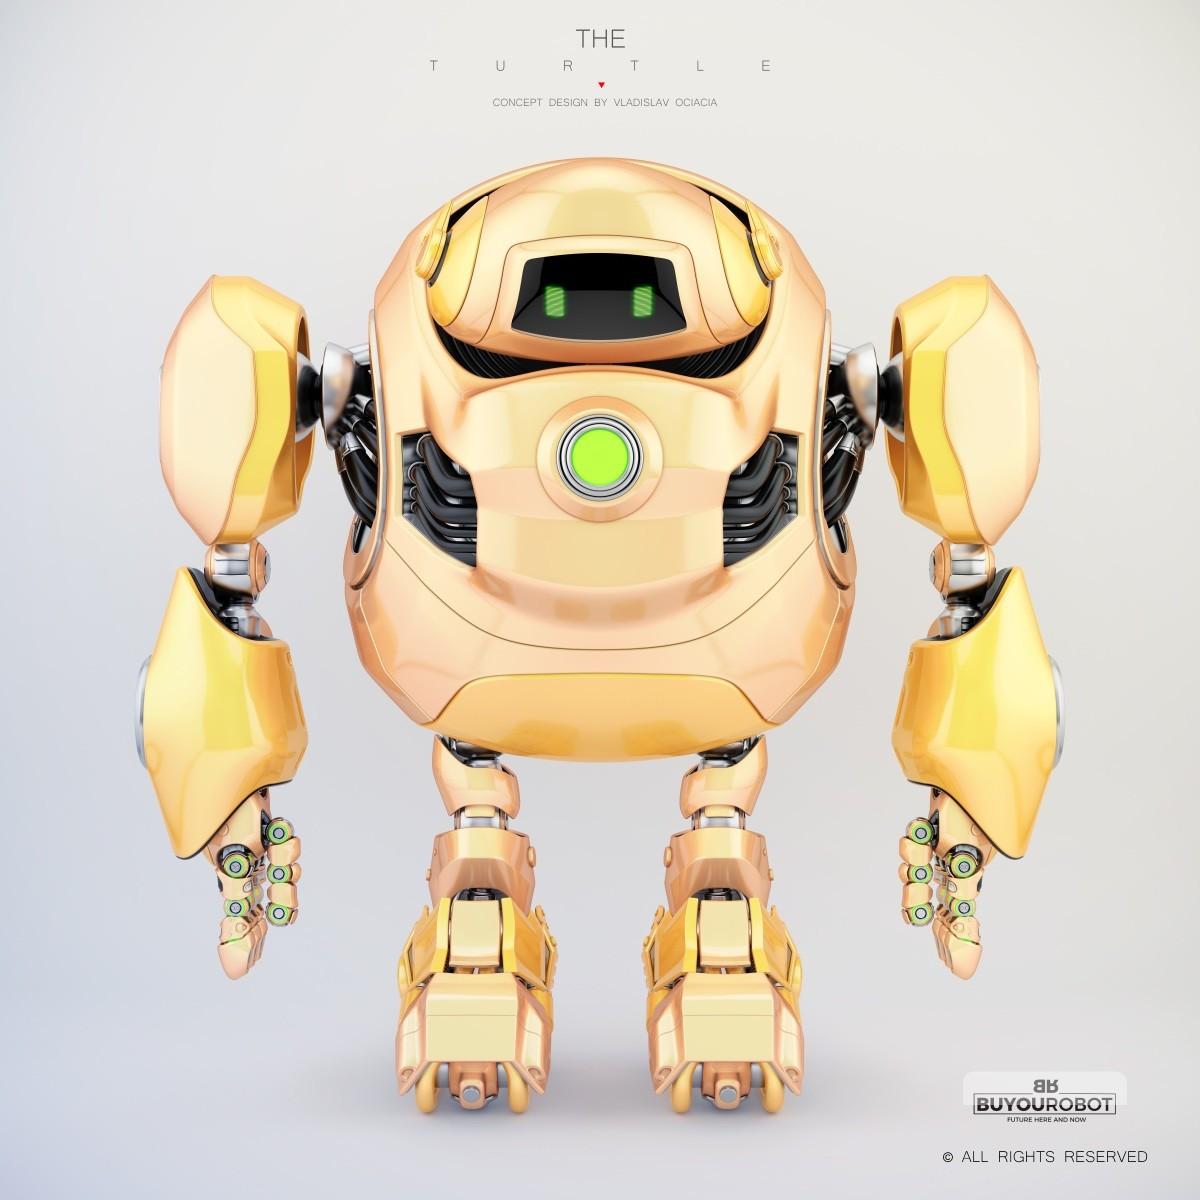 Vladislav ociacia cyber turtle robot 10